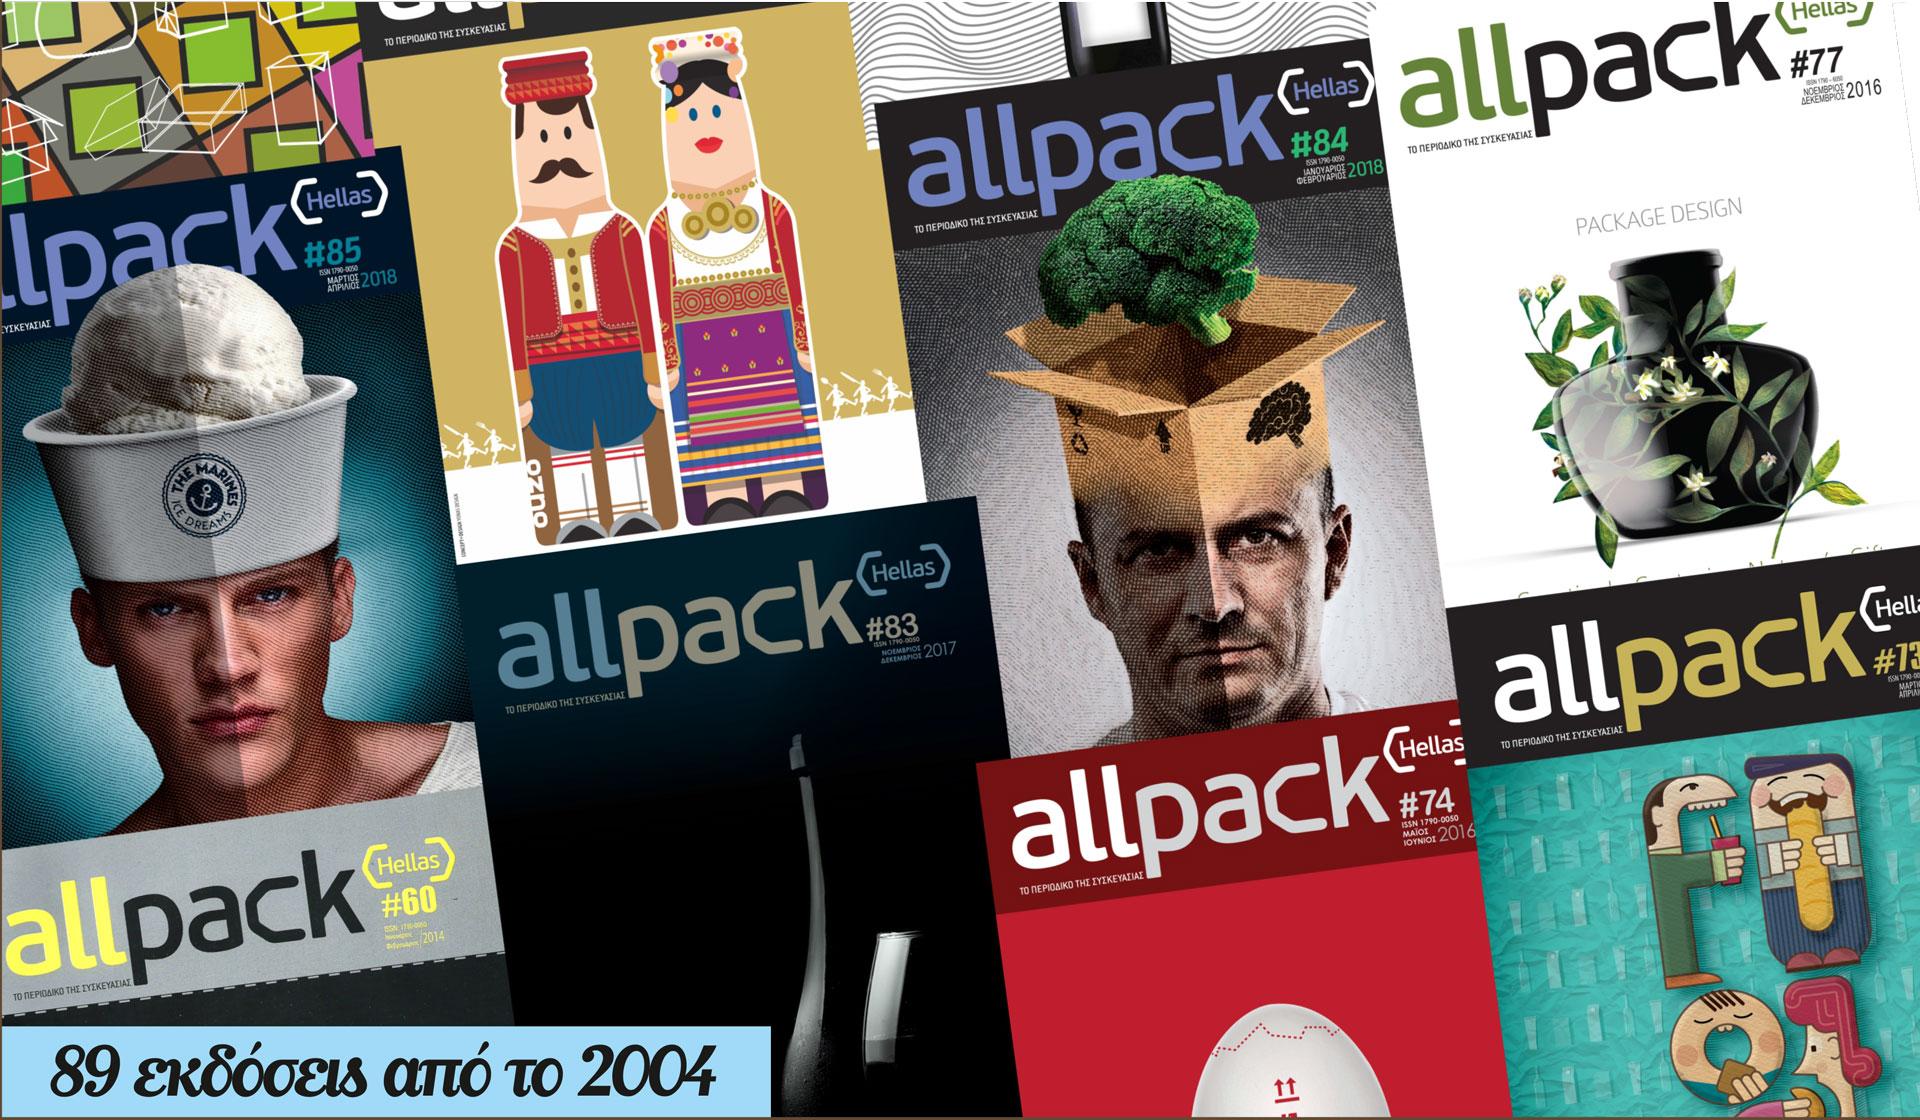 Περιοδικό - Τεχνικές Εκδόσεις - Allpack Hellas | DK Marketing Agency